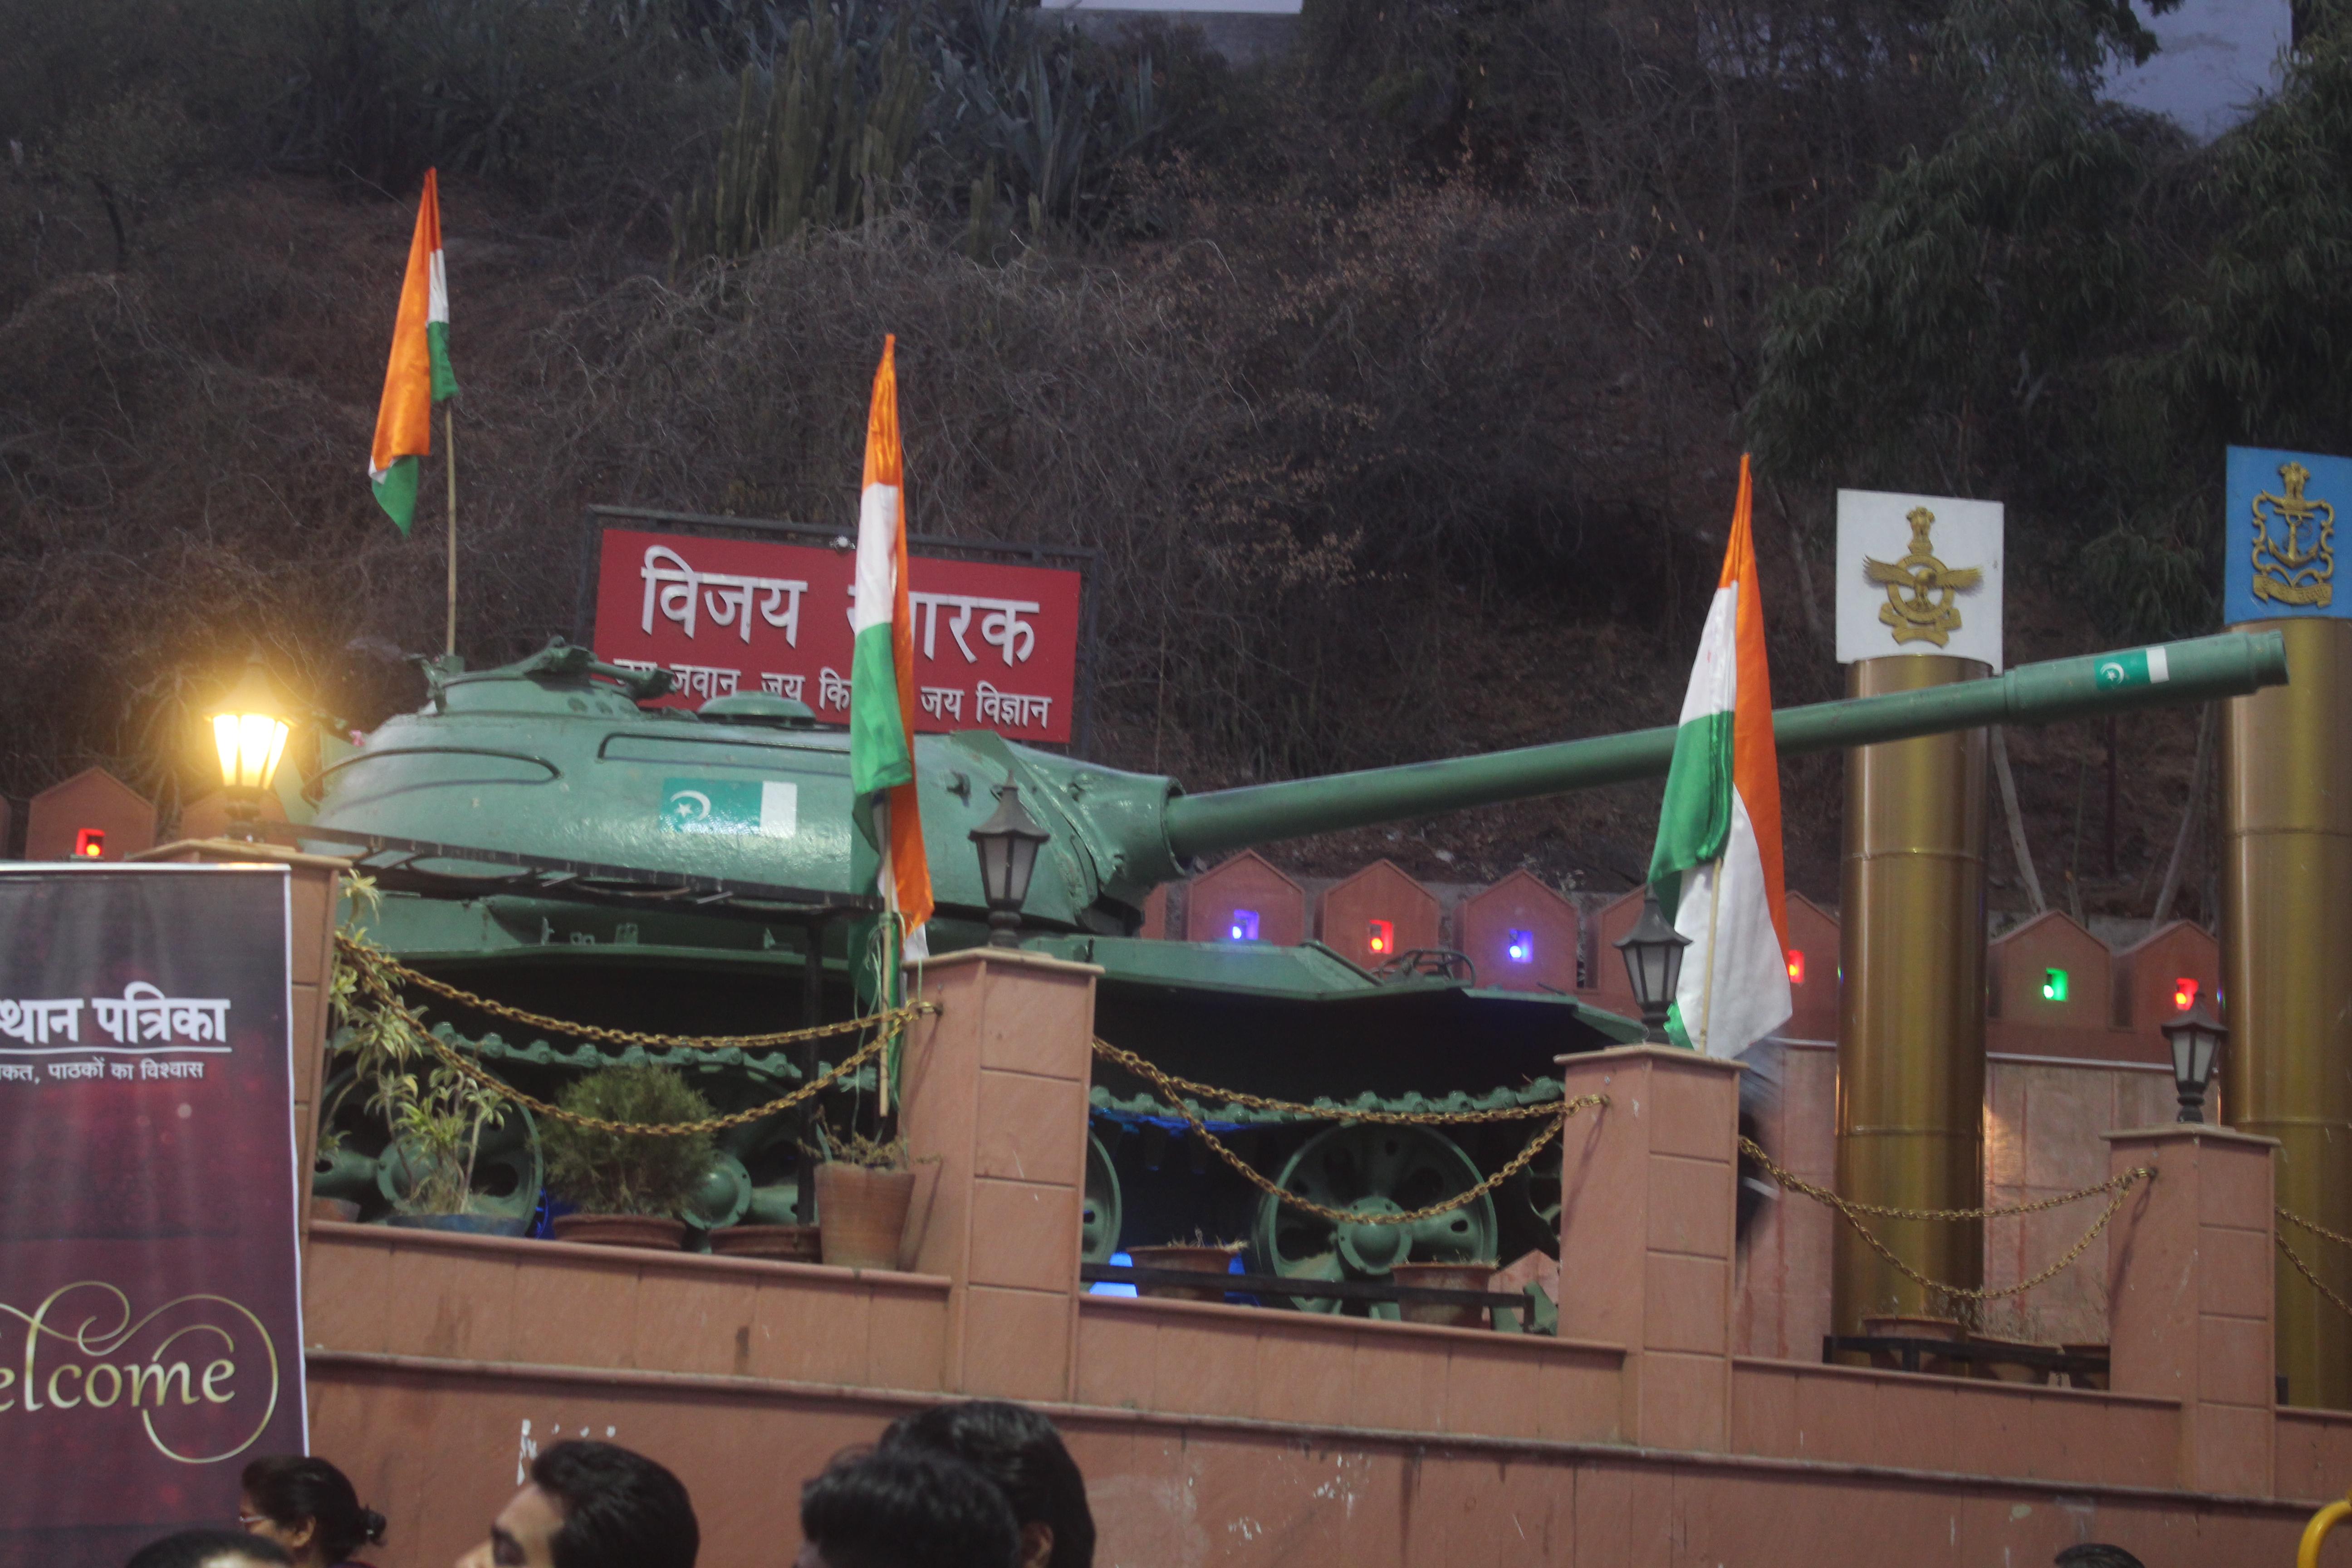 History: भारत की विजय का प्रतीक है ये टैंक, जीता था 1971 में पाकिस्तान से